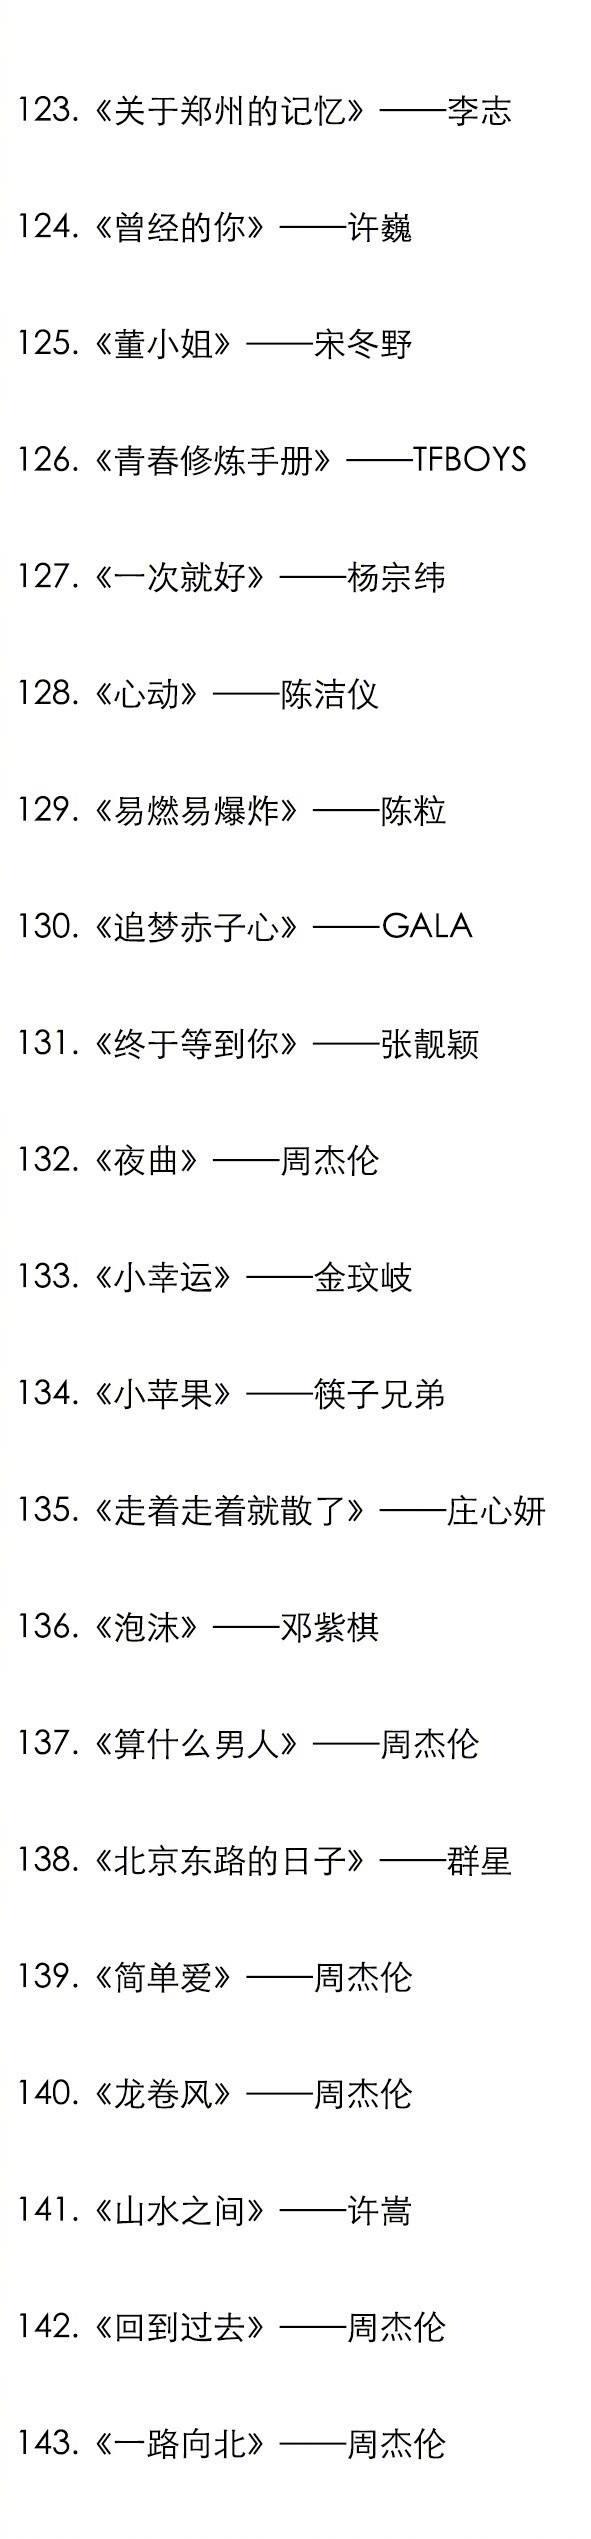 网高贵出了一份《网易云音笑上那些评论过万的中文歌》歌单网络真人娱笑老虎机